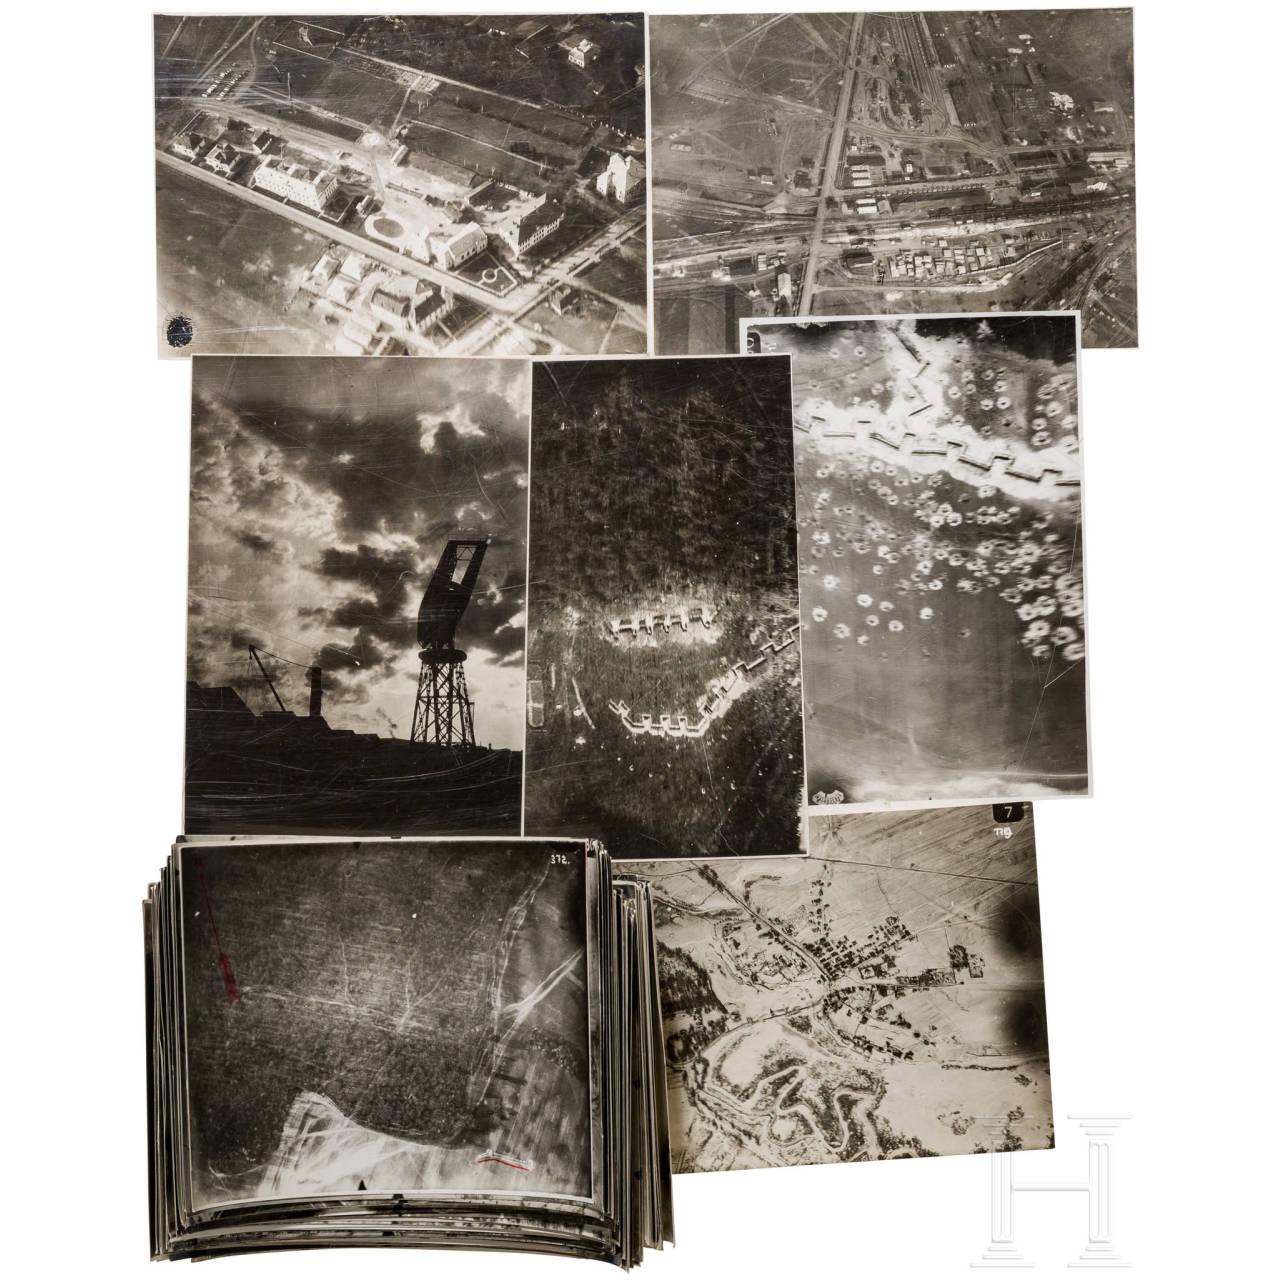 128 Luftbildaufnahmen der k.u.k. Luftfahrtruppen